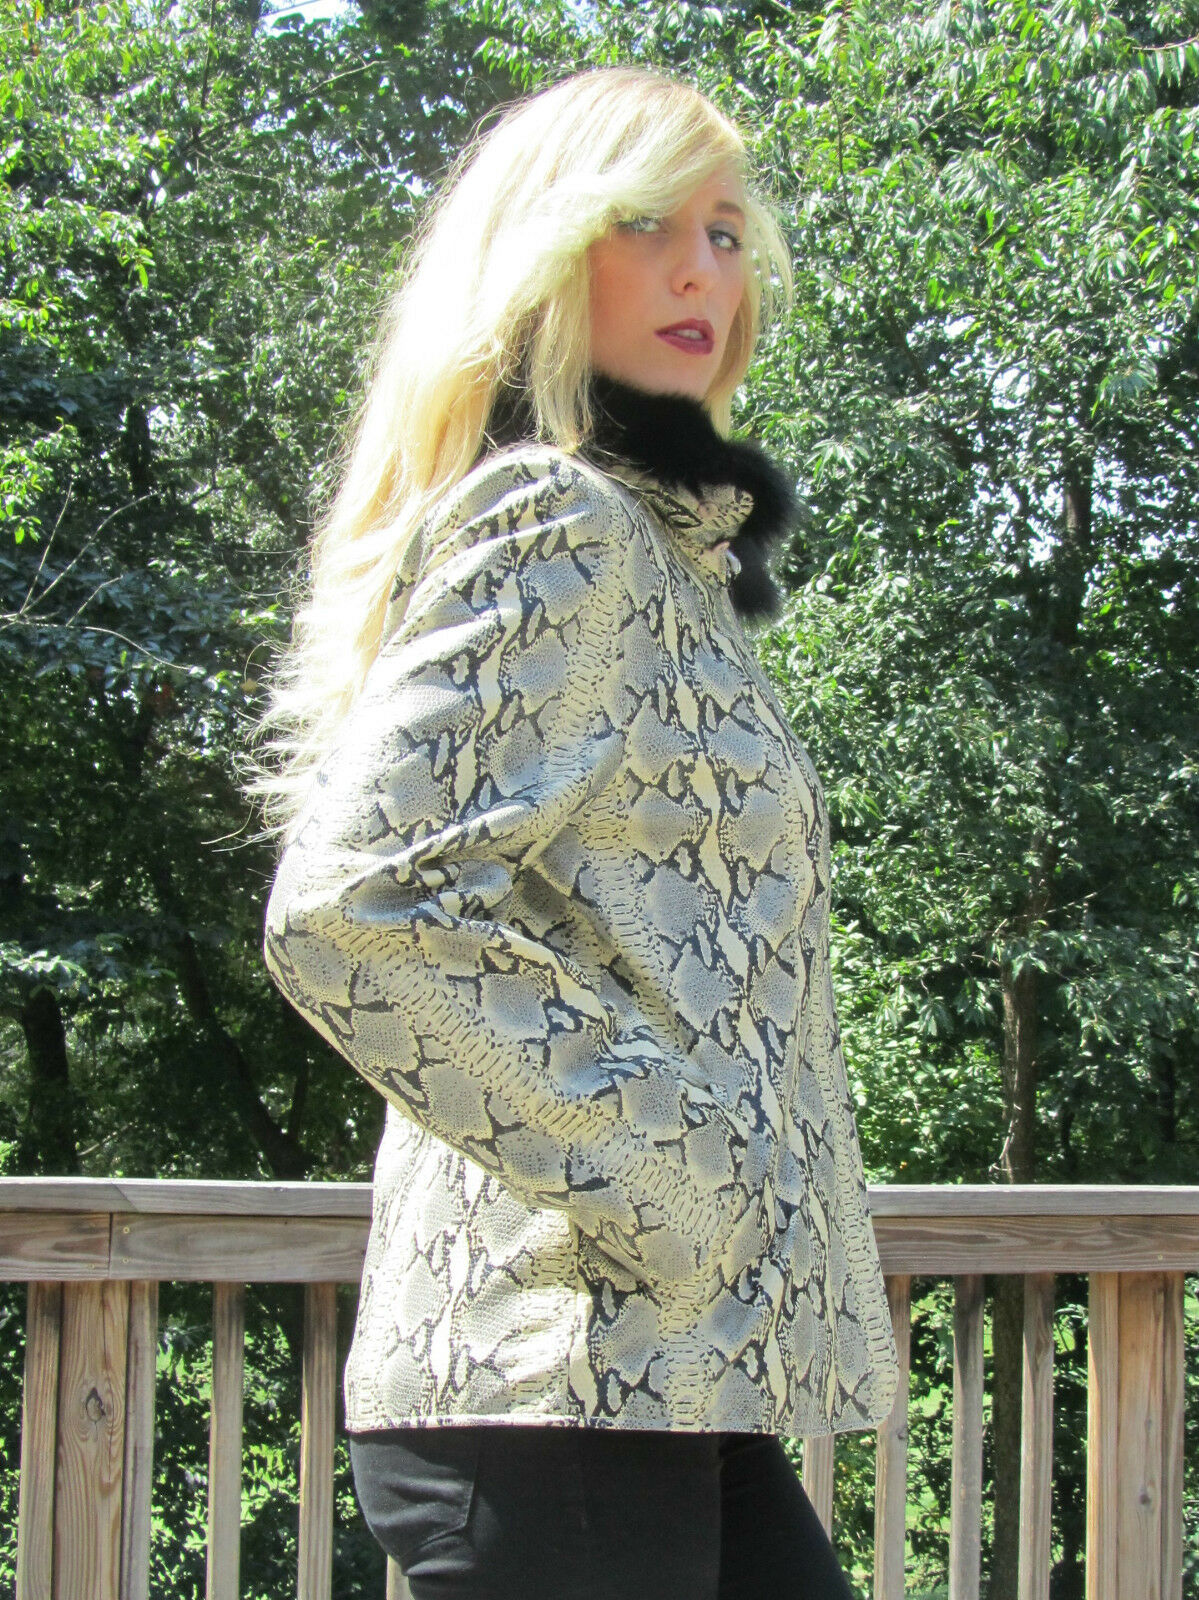 Nuevo Con Etiquetas Para Mujer Cuero Estampado  de serpiente y cuello desmontable Fox Corto Abrigo Talla M  899  A la venta con descuento del 70%.